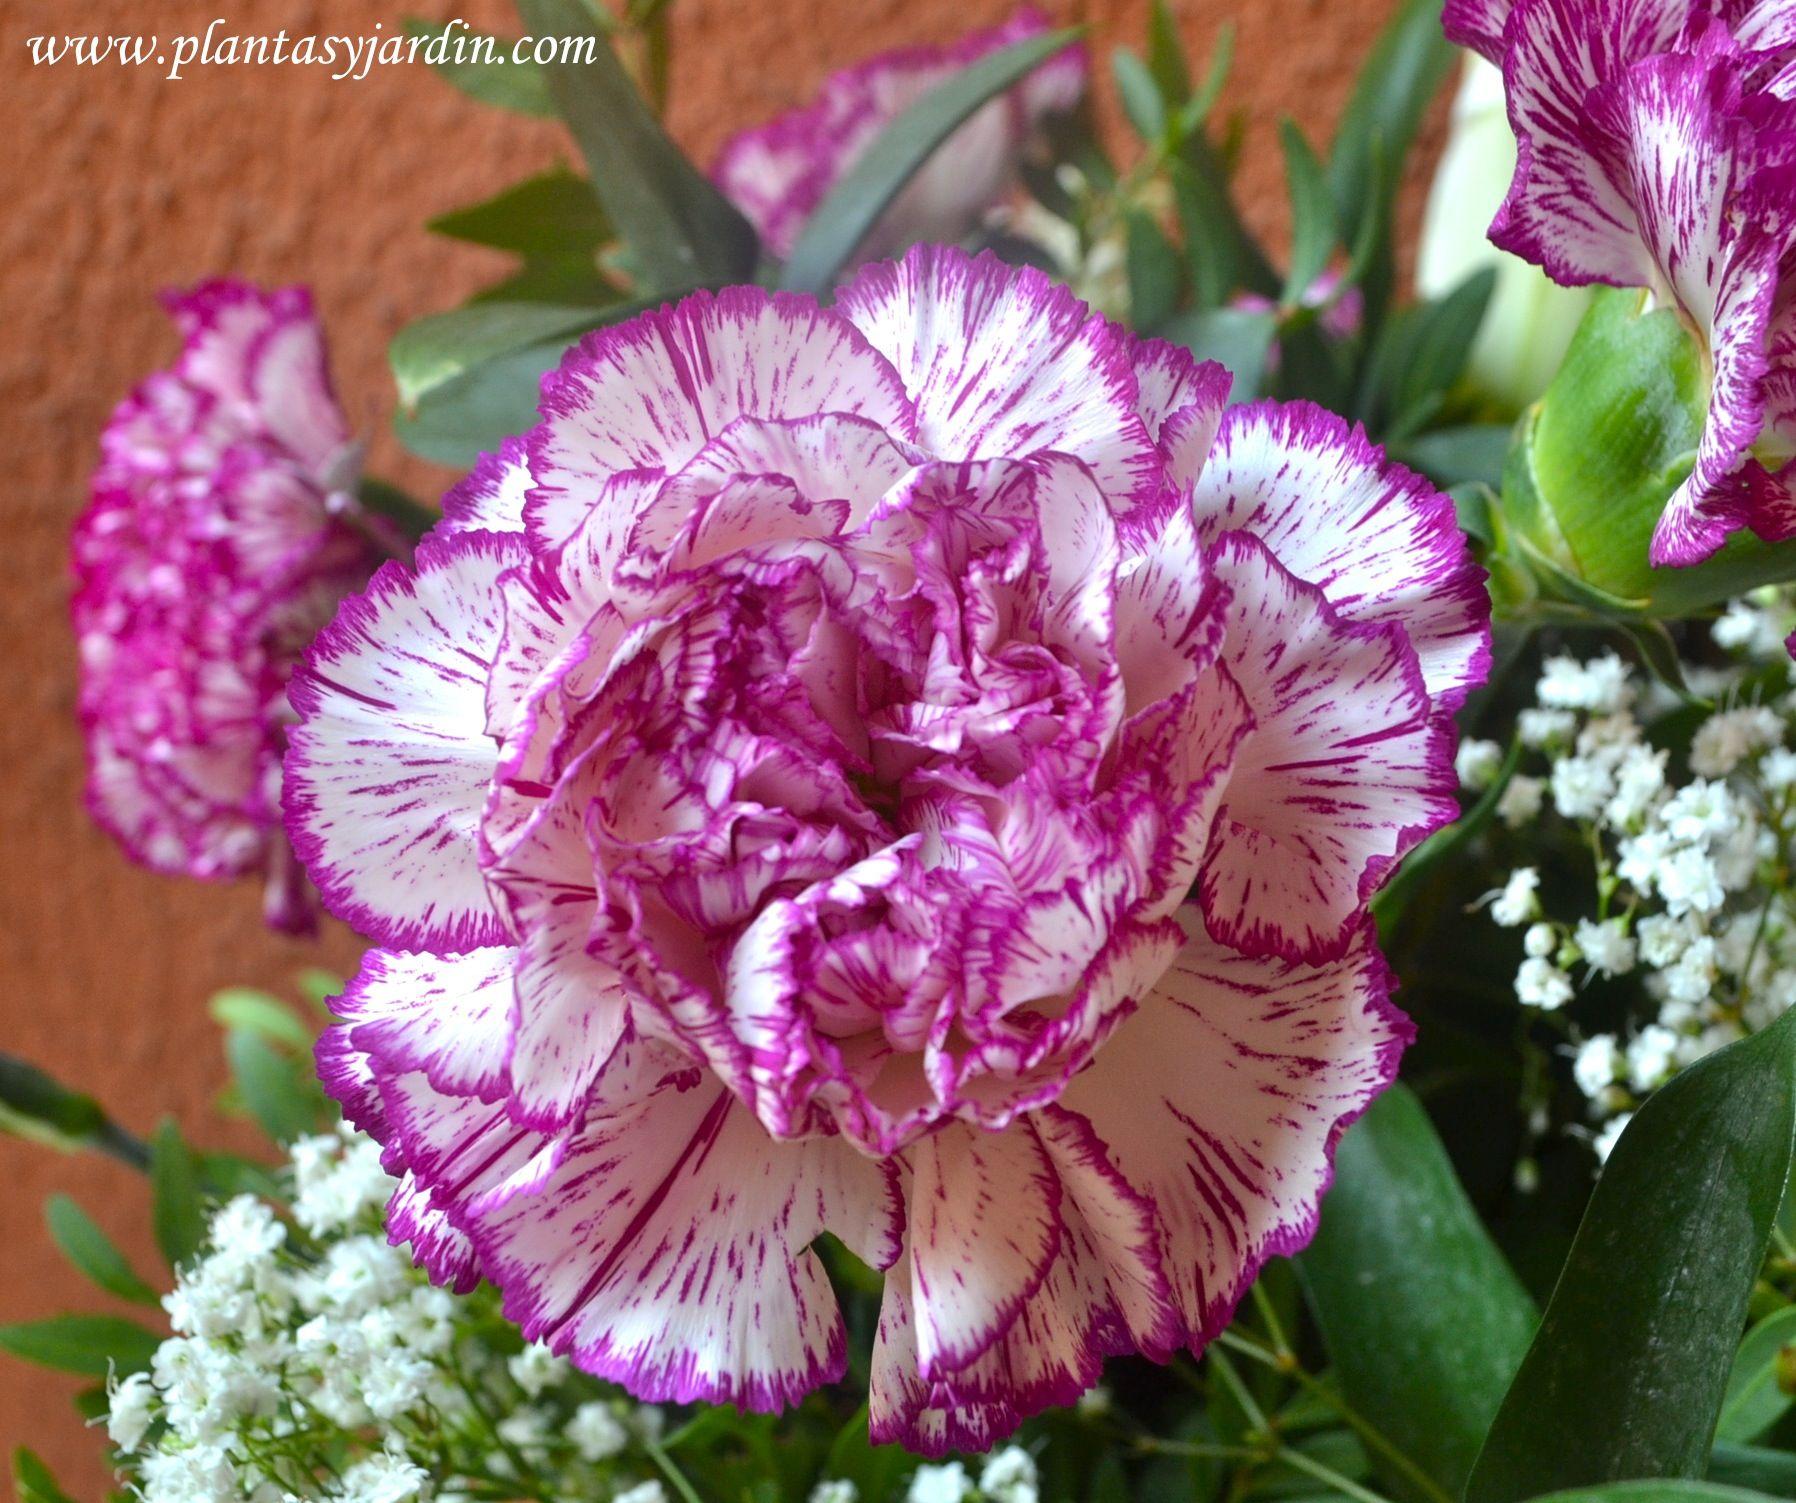 dianthus caryophyllus el clavel flor nacional de espa a y de la comunidad aut noma de las. Black Bedroom Furniture Sets. Home Design Ideas